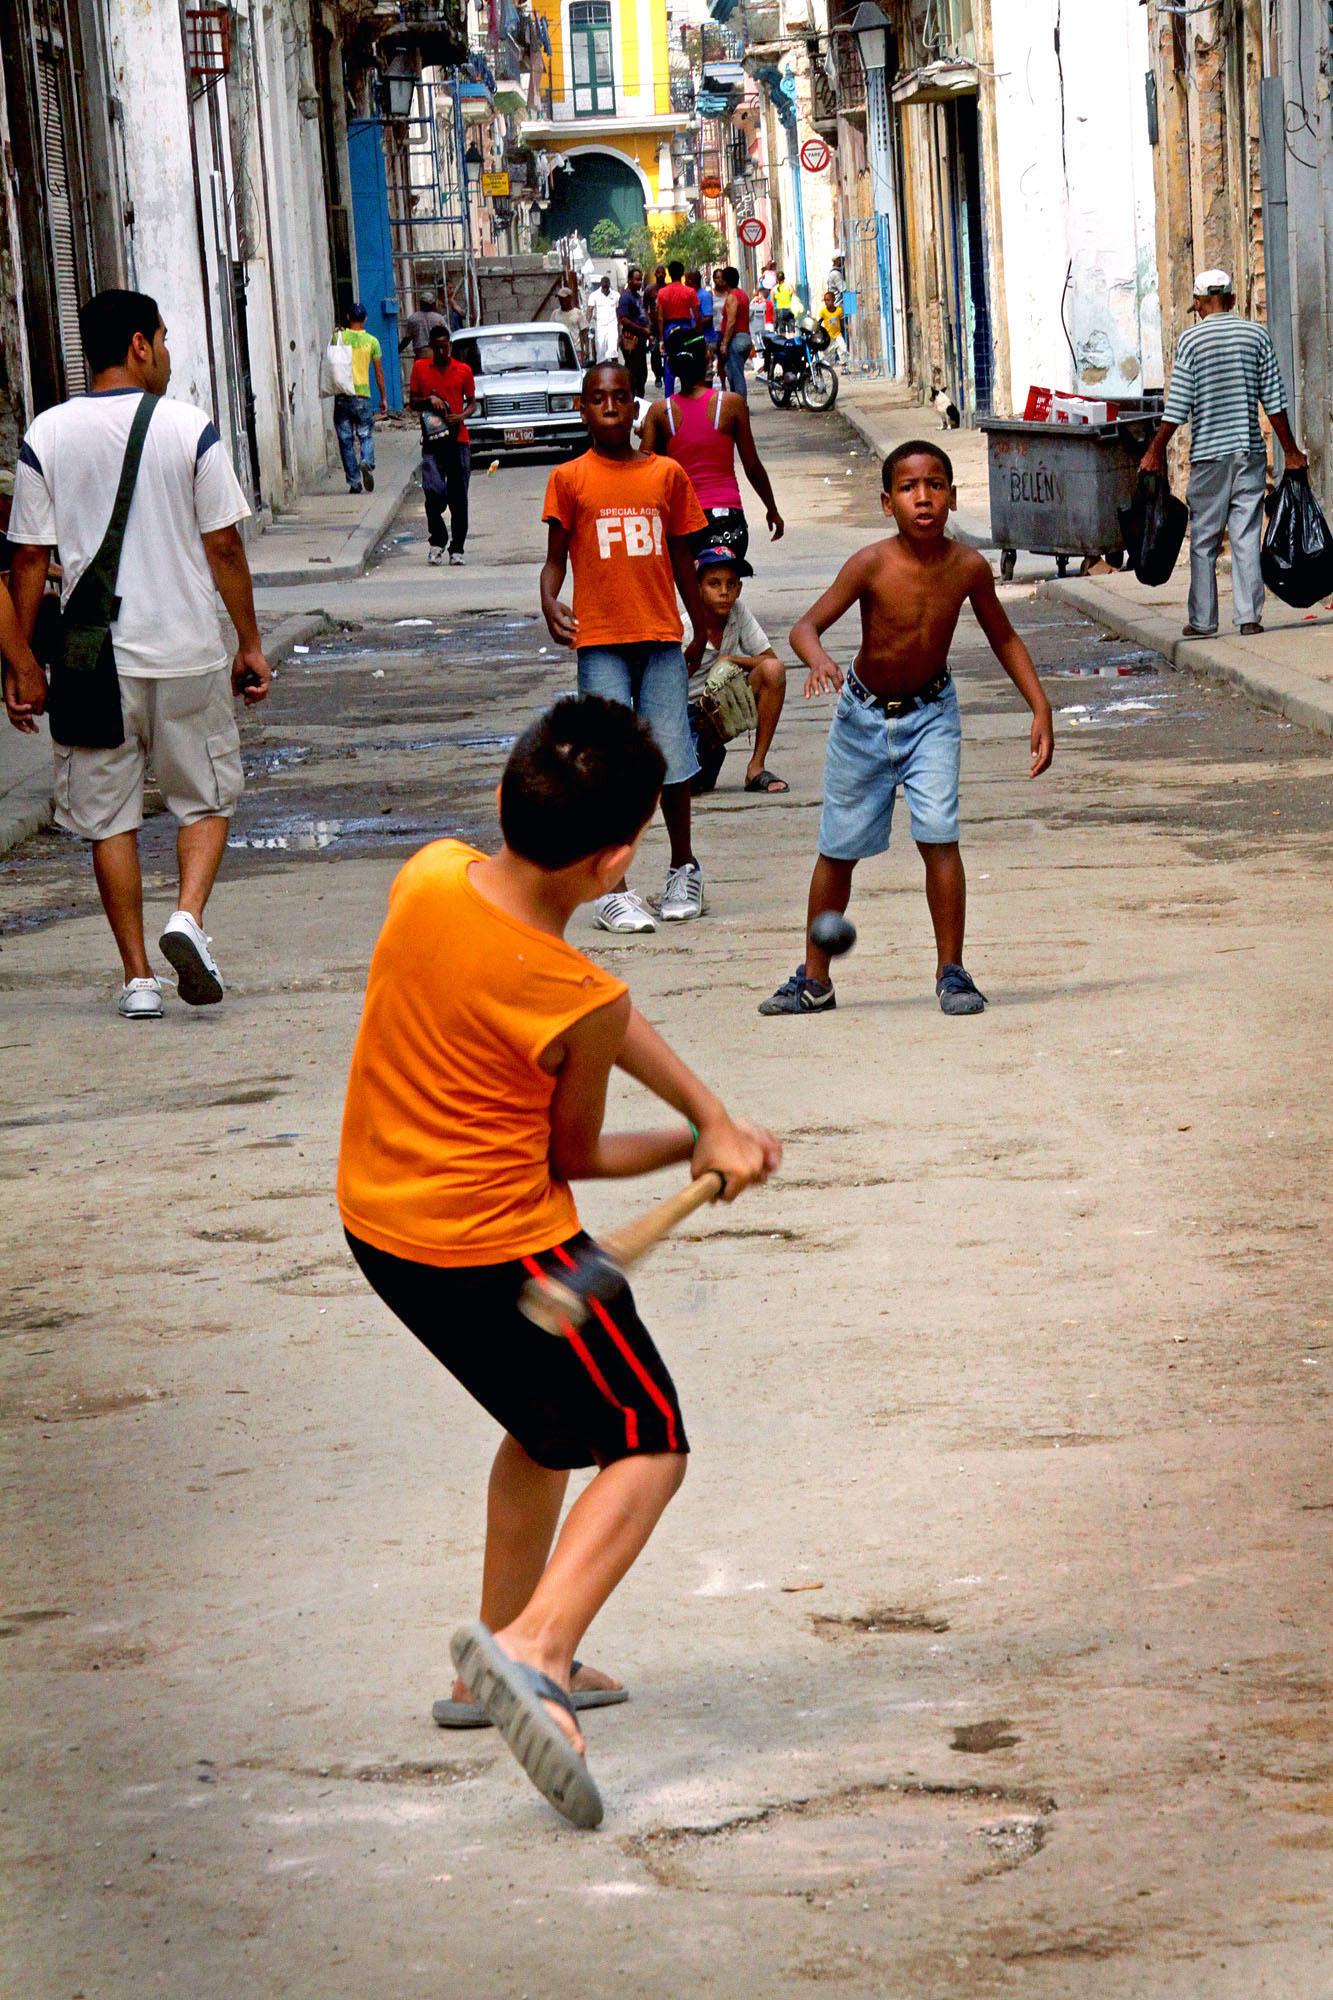 Hugh_Perry_Cuba Farm Team.jpg